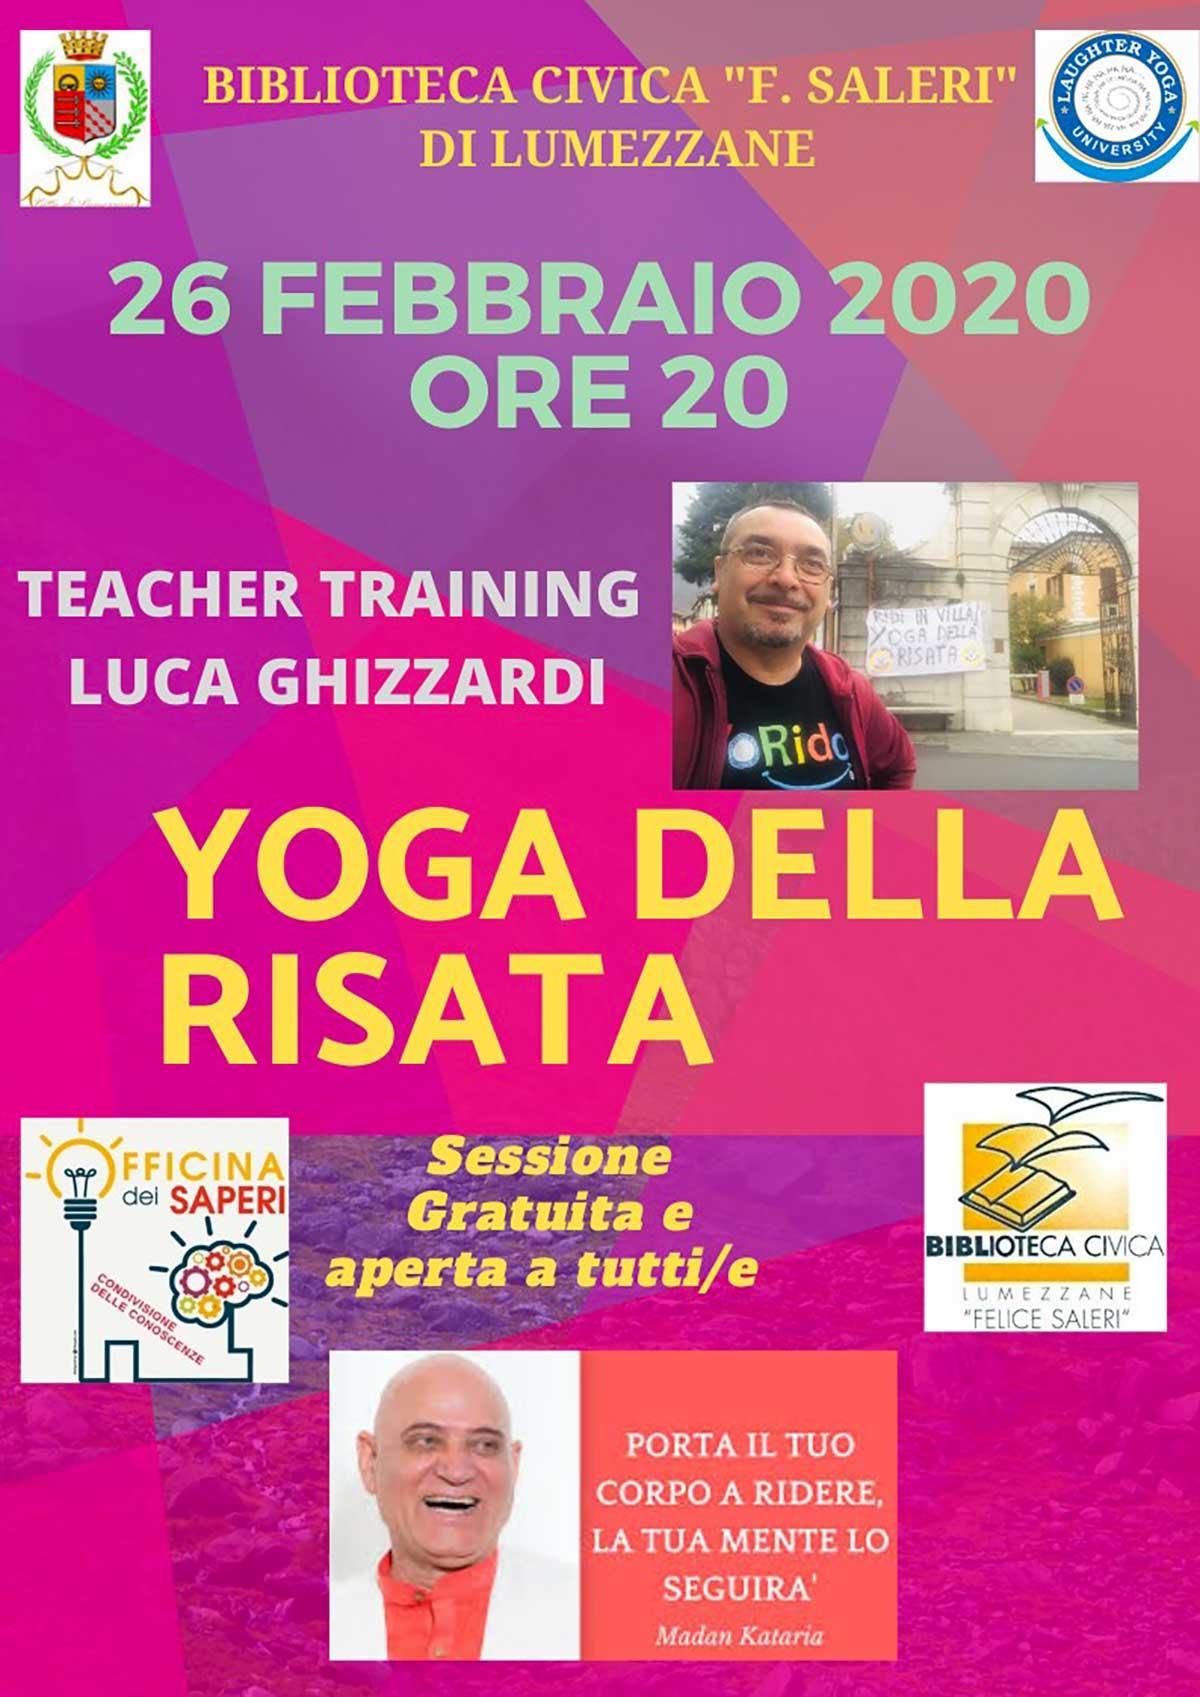 yoga-della-risata-lumezzane